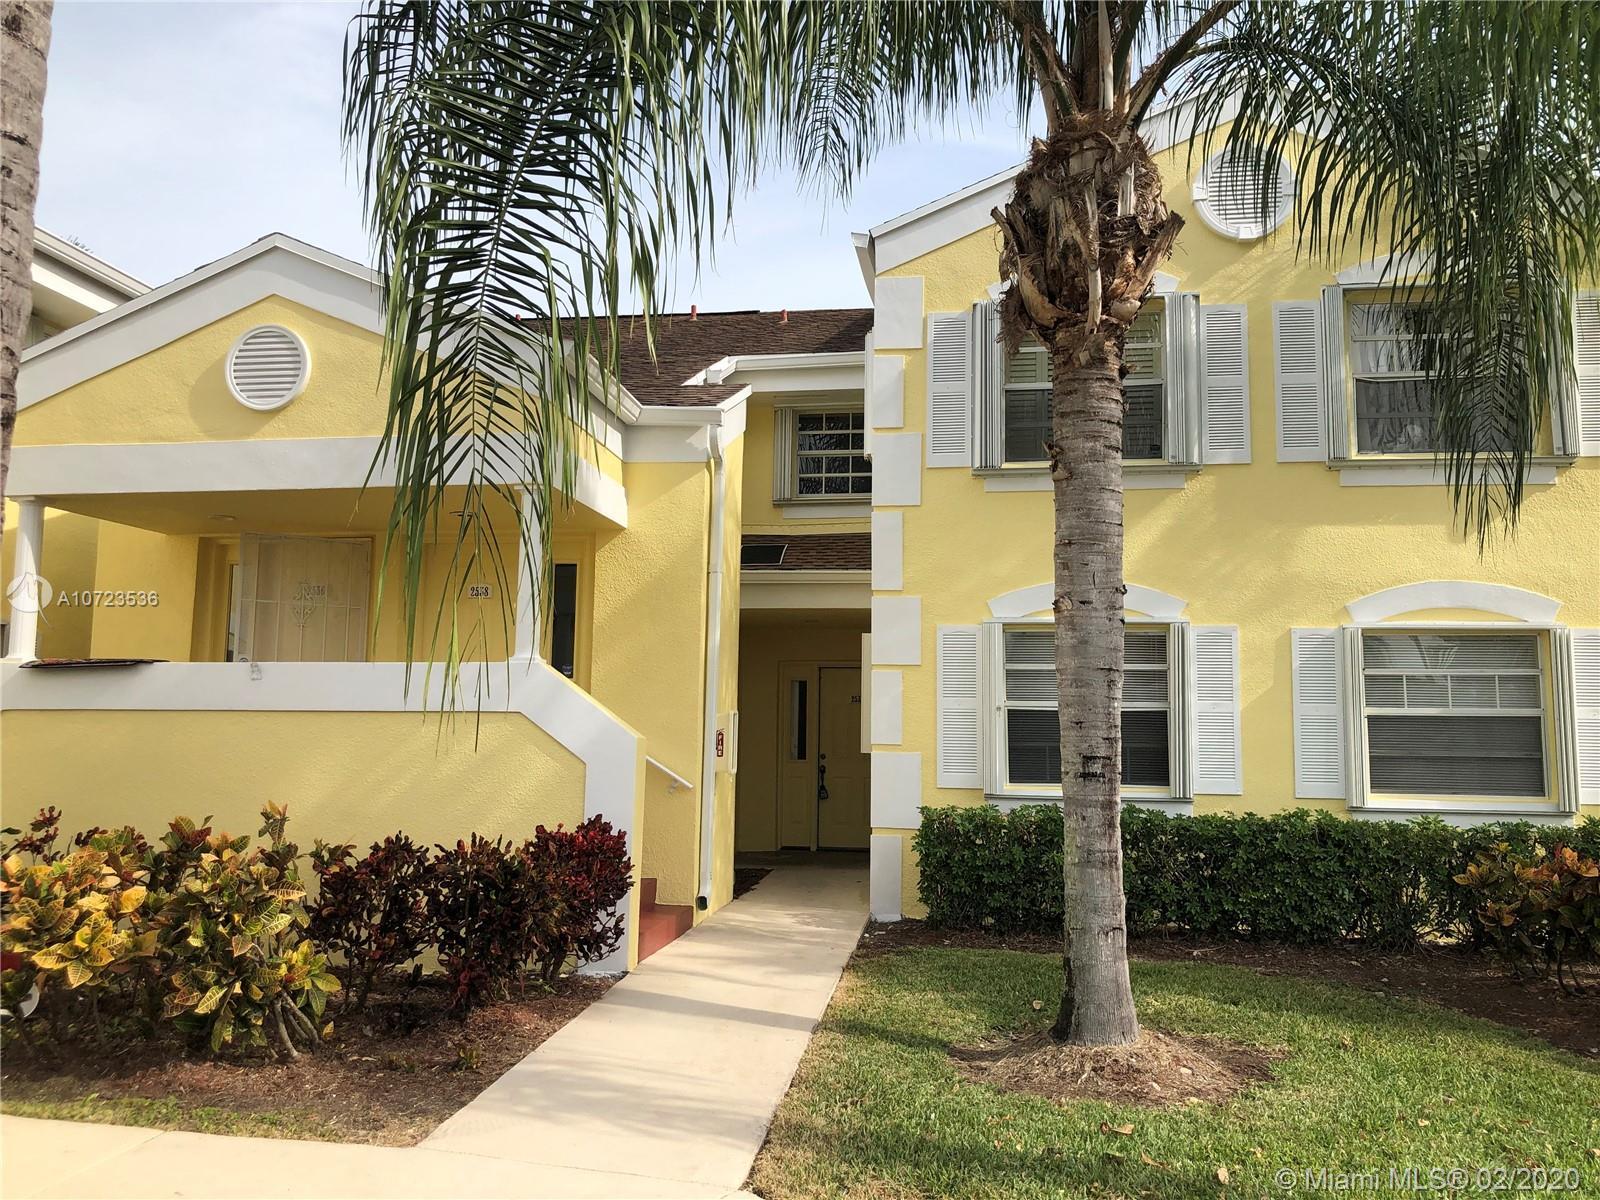 2537 SE 19 PLACE #106C For Sale A10723536, FL